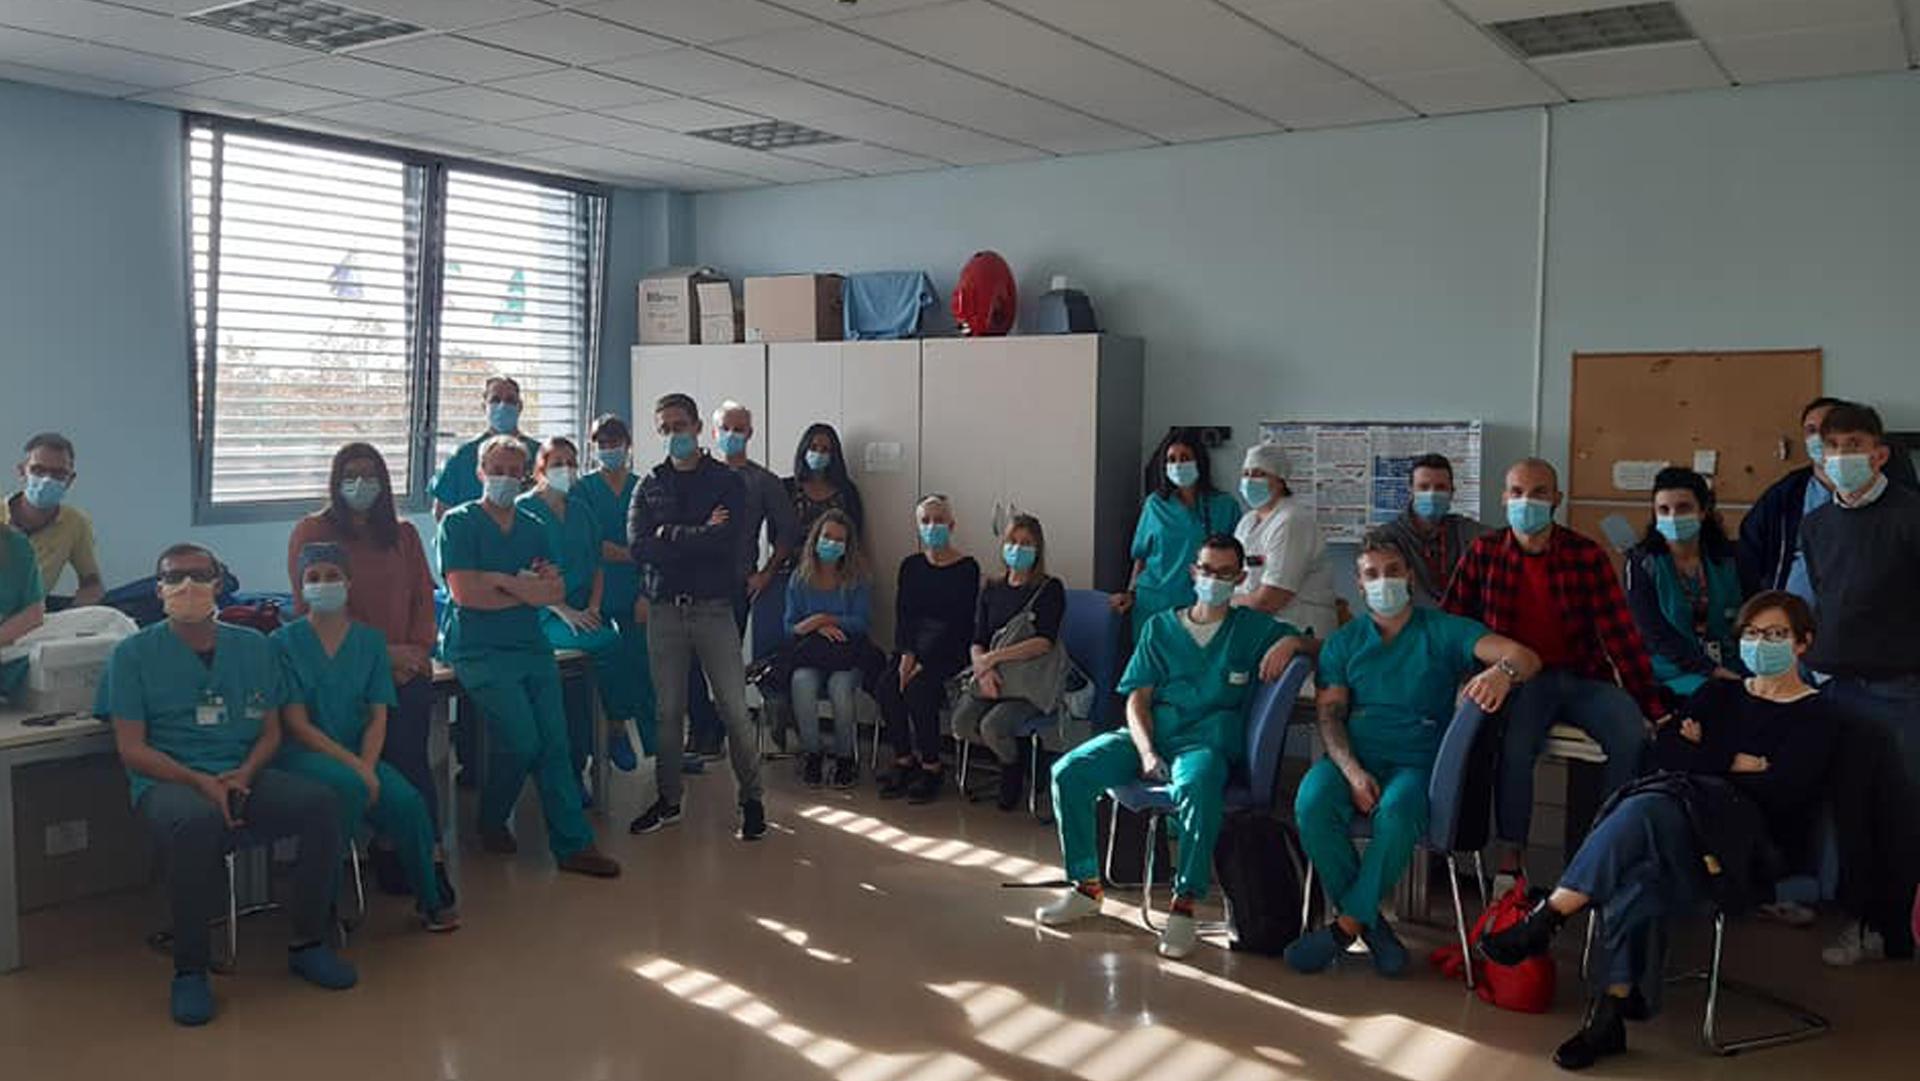 Come si spiega l'aumento dei contagi a Varese? Parla il direttore dell'ASST Sette Laghi